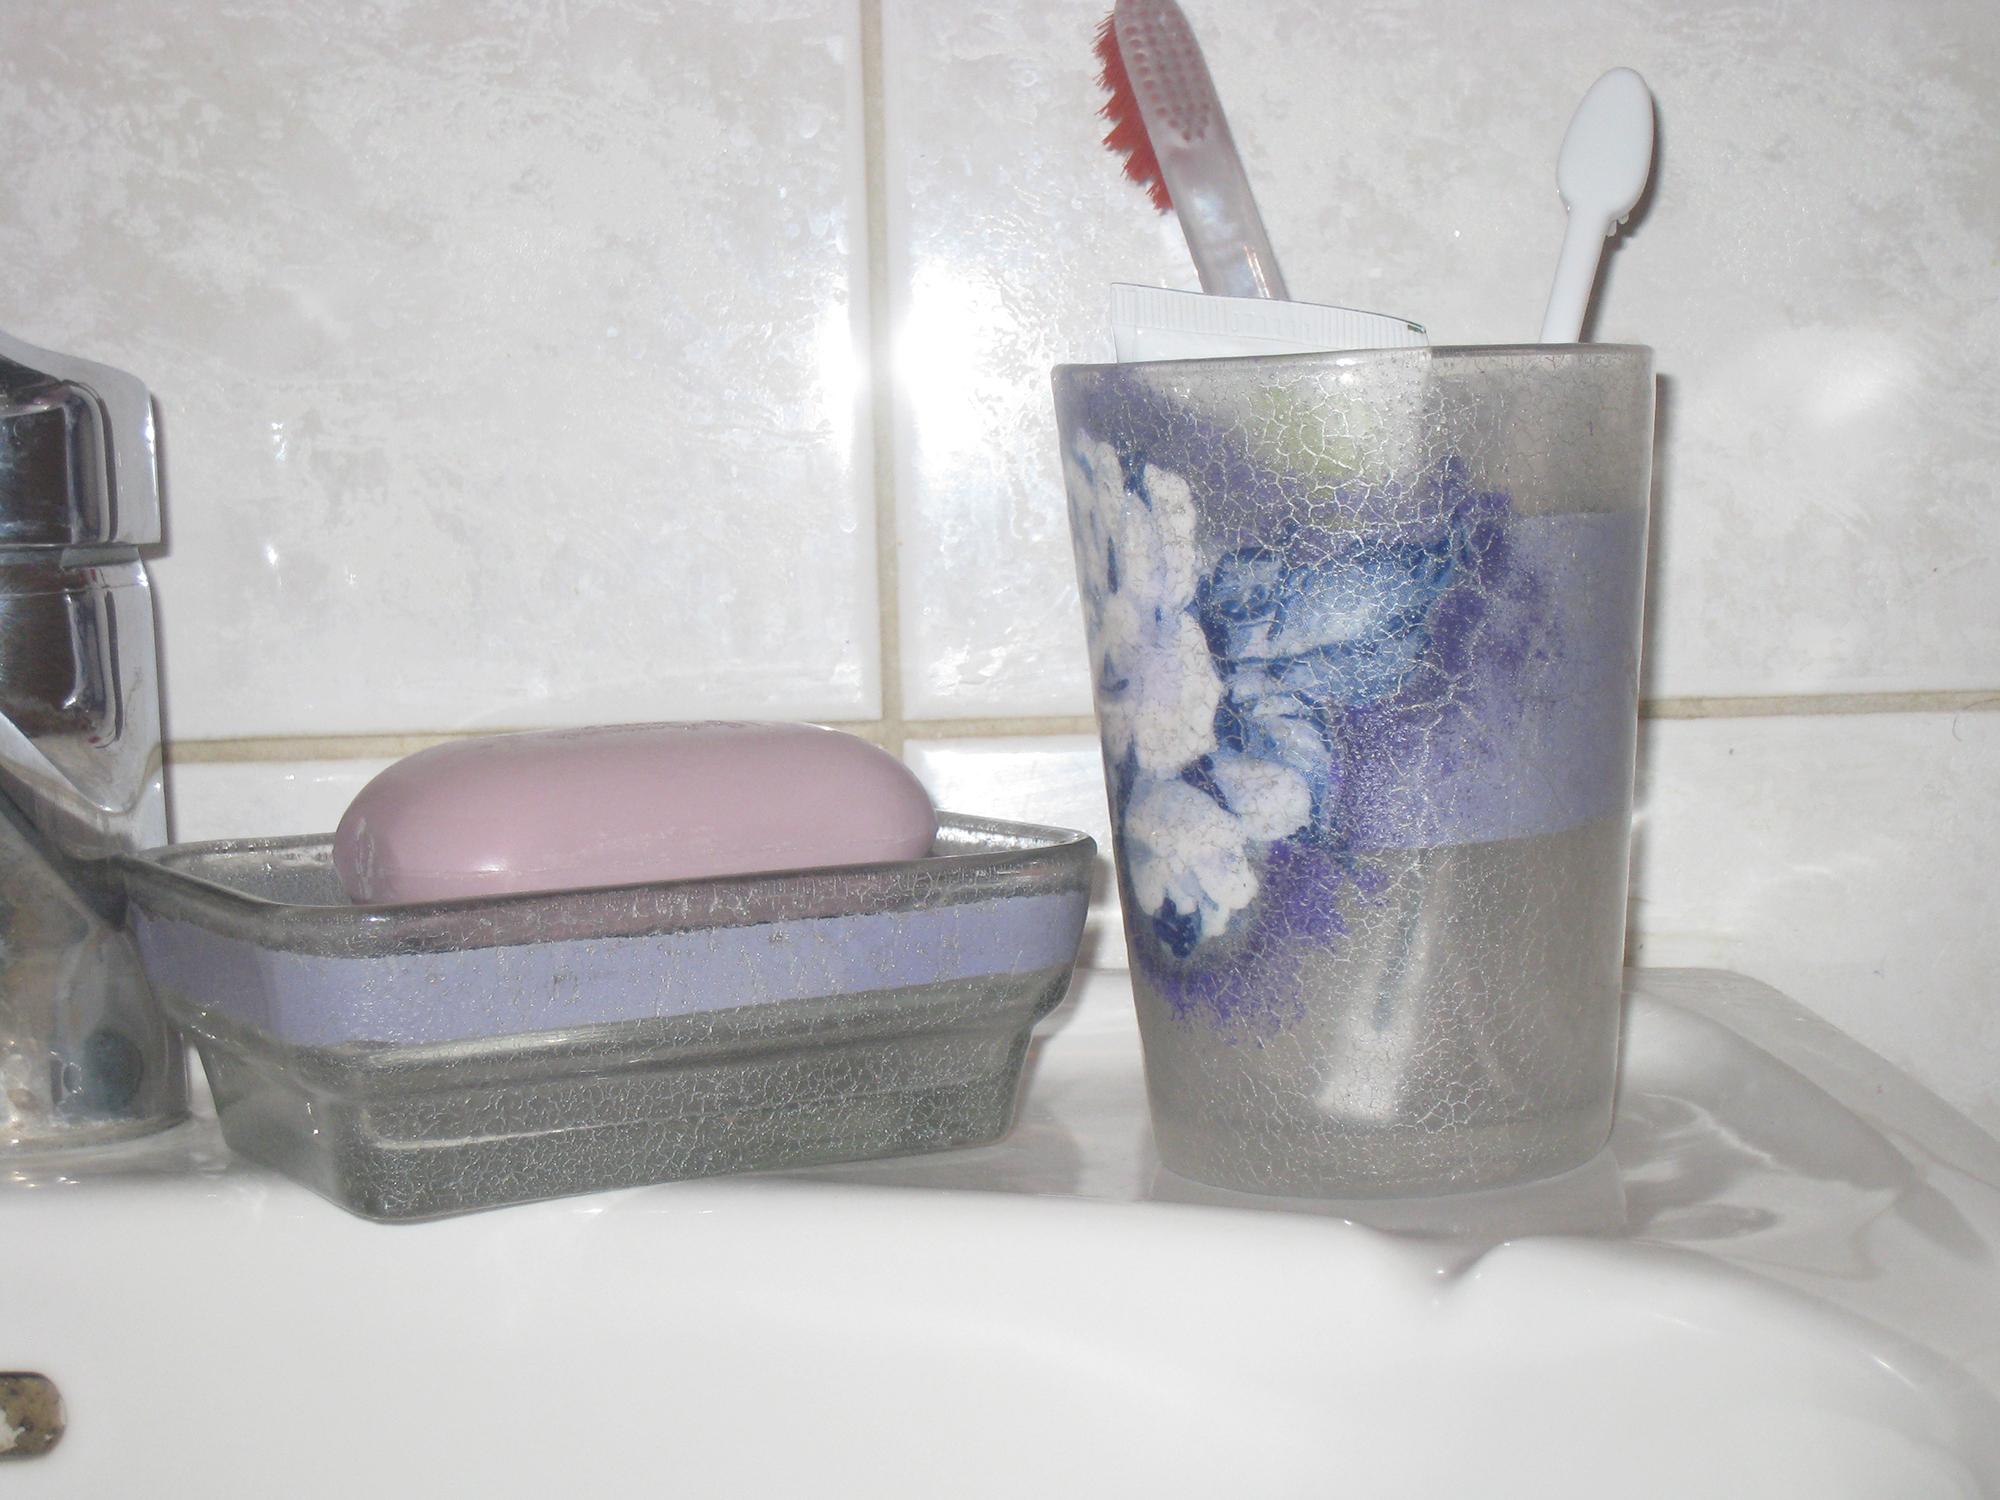 Аксессуары для ванной в технике декупаж